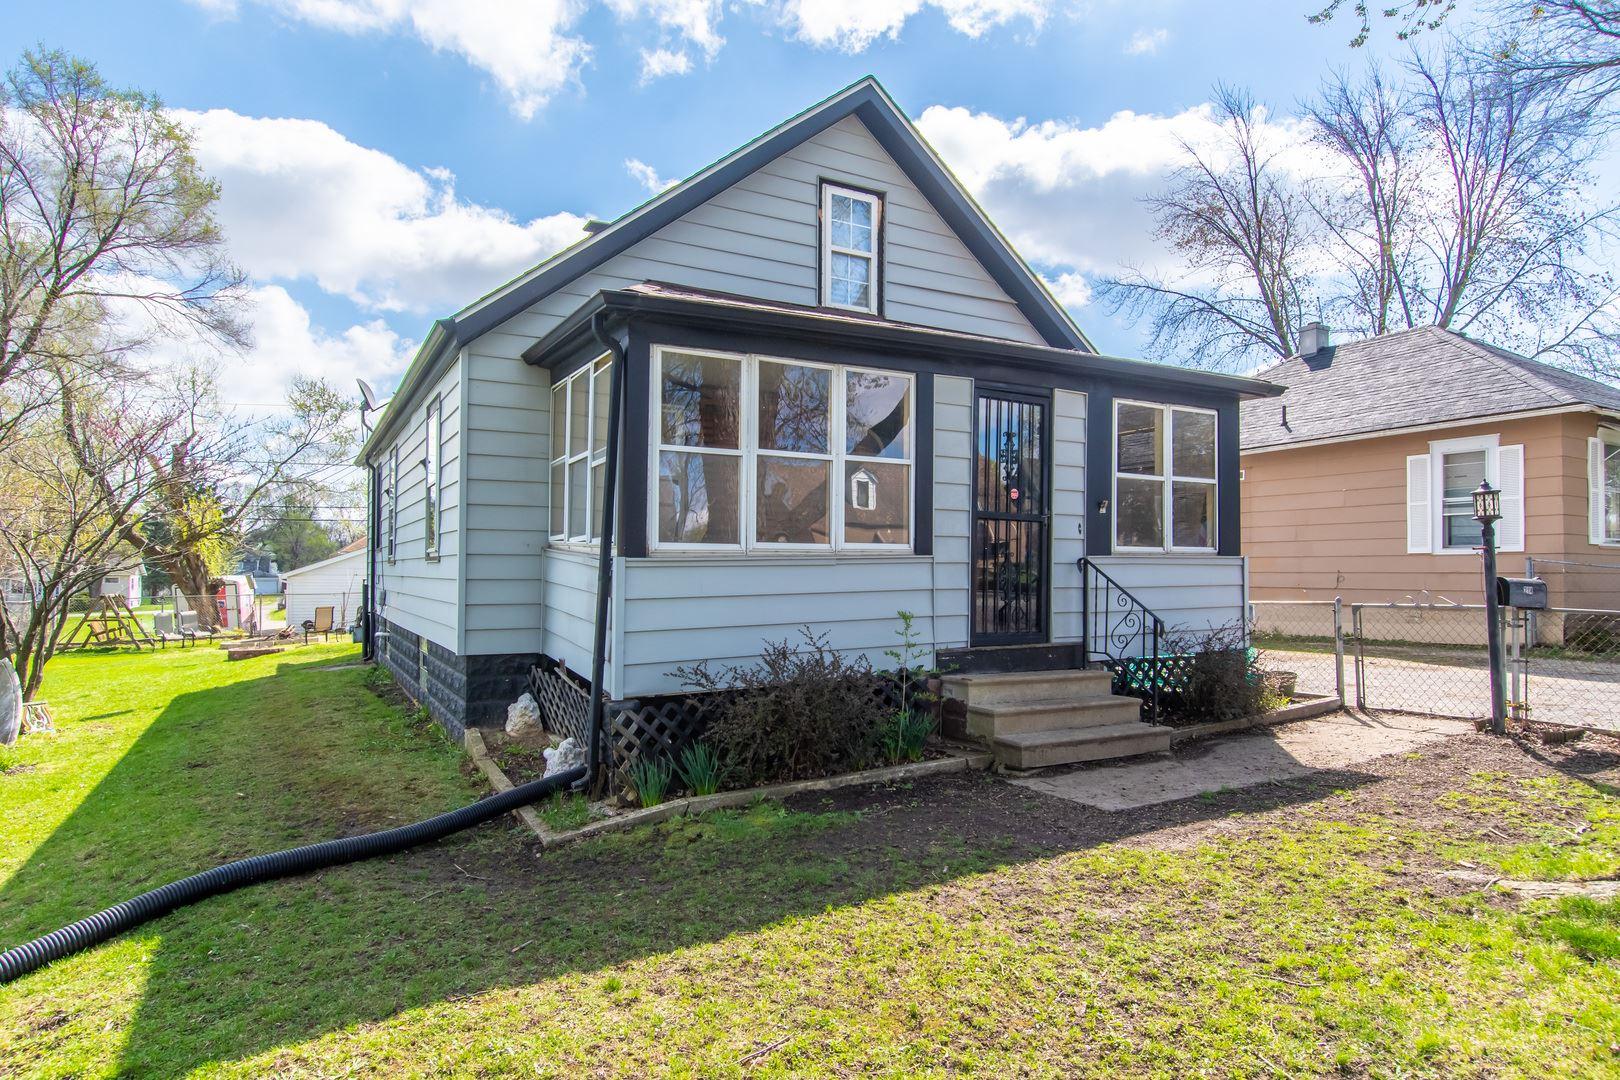 Photo of 214 Jessie Street, Joliet, IL 60433 (MLS # 11056165)